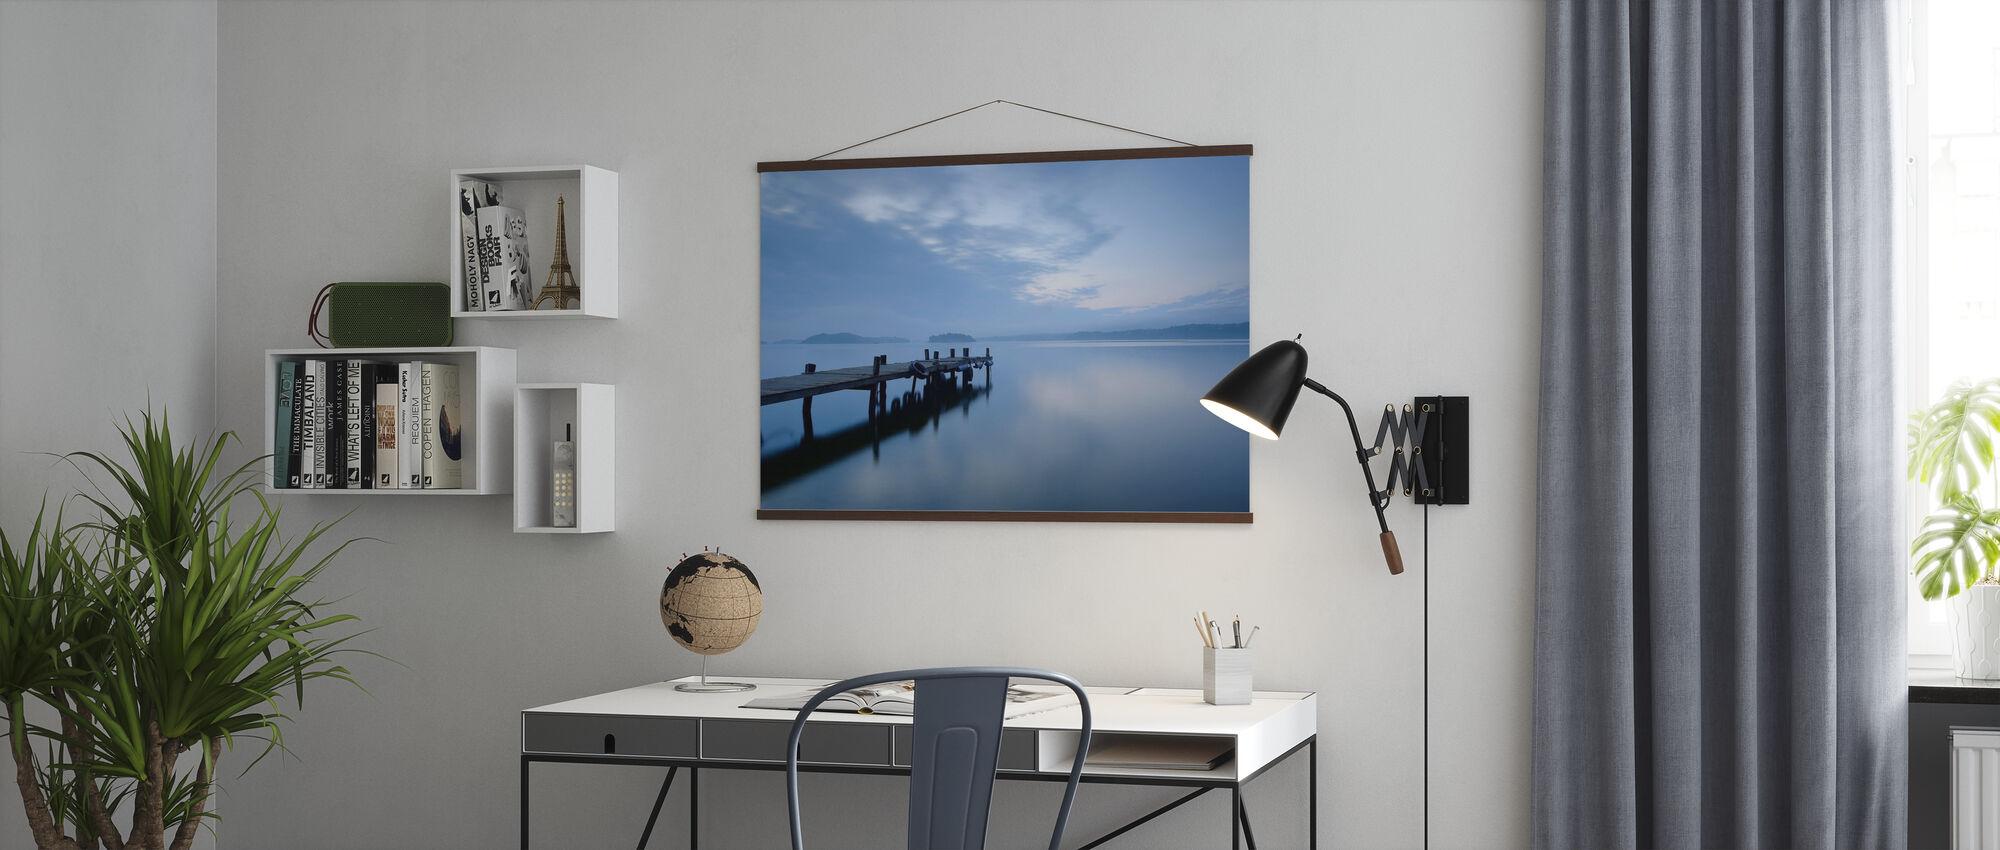 Trä Pier i Stilla sjön - Poster - Kontor